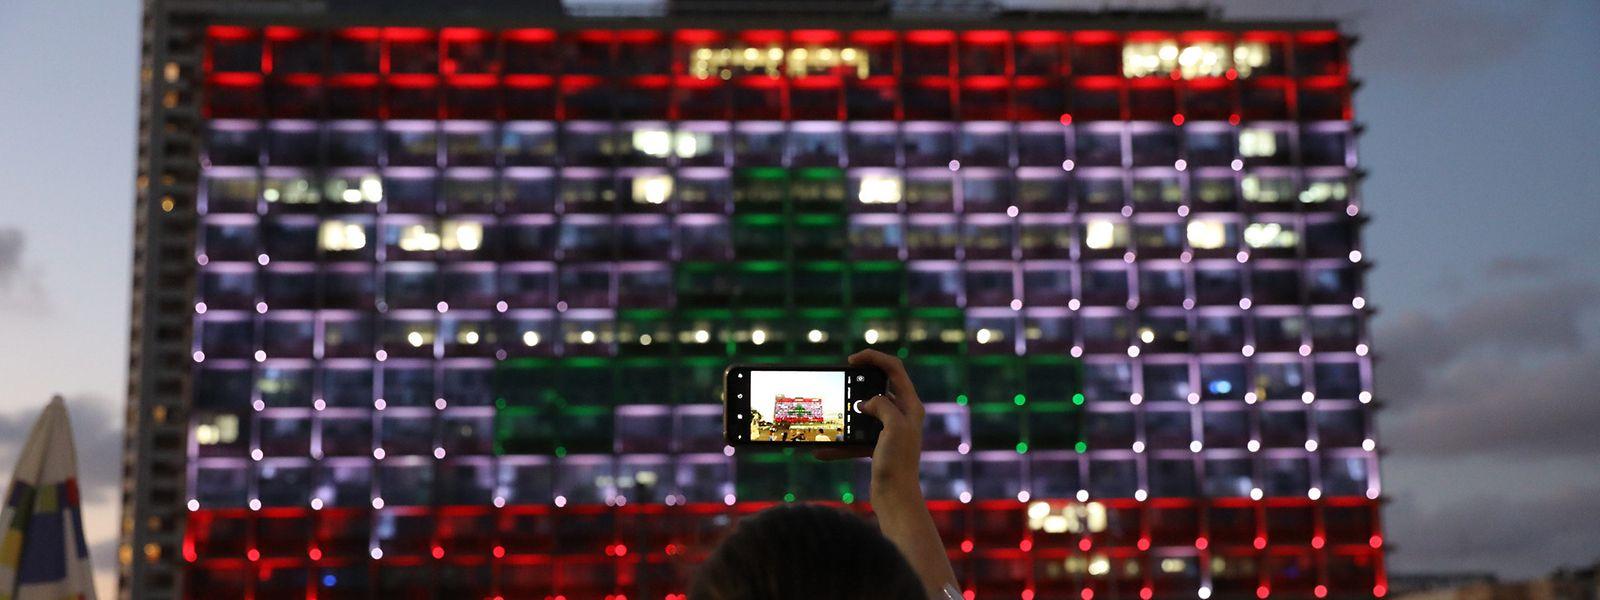 Tel Aviv: Menschen machen Fotos vom Gebäude des Rathauses von Tel Aviv, welches in den Farben der libanesischen Flagge angestrahlt wird, um Solidarität mit dem Libanon zu bekunden.